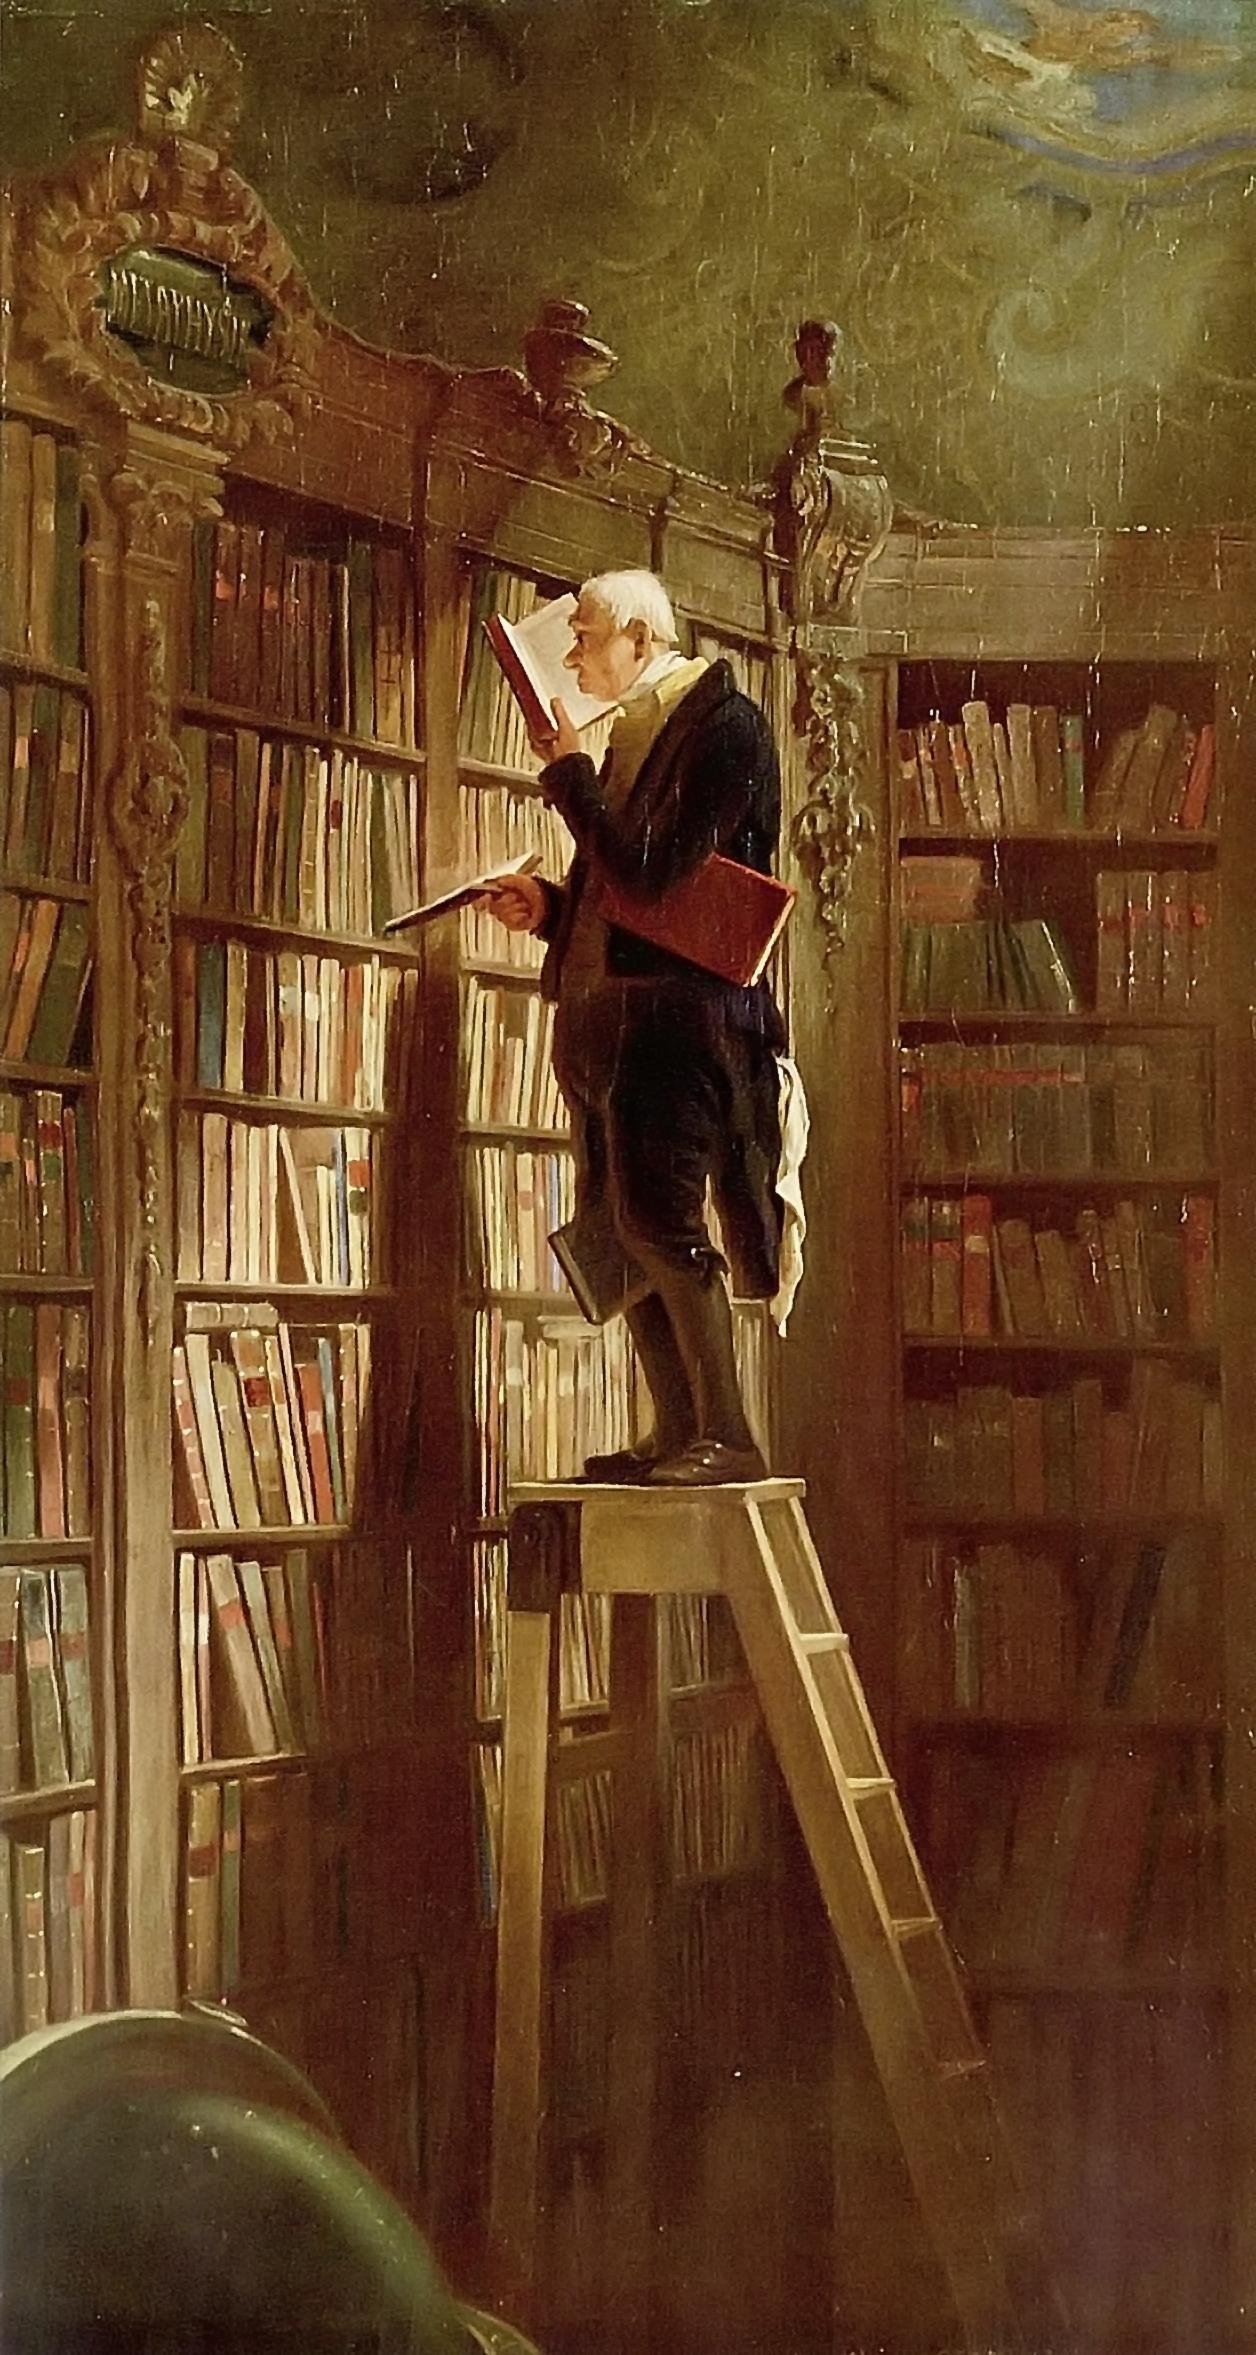 Карл Шпицвег. Книжный червь. 1850 год